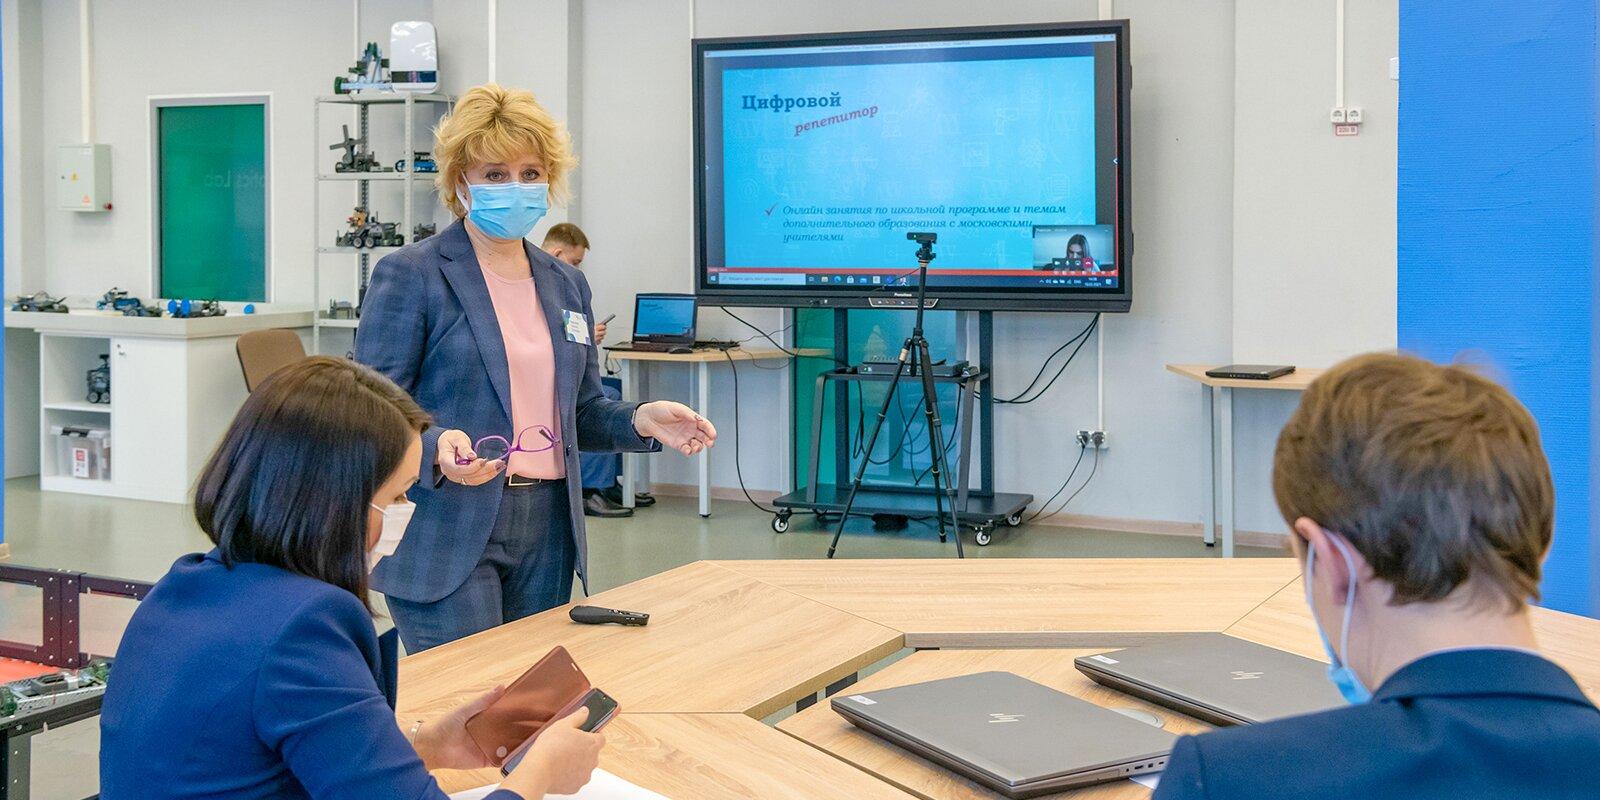 Сергей Собянин объявил о запуске проекта «Цифровой репетитор»